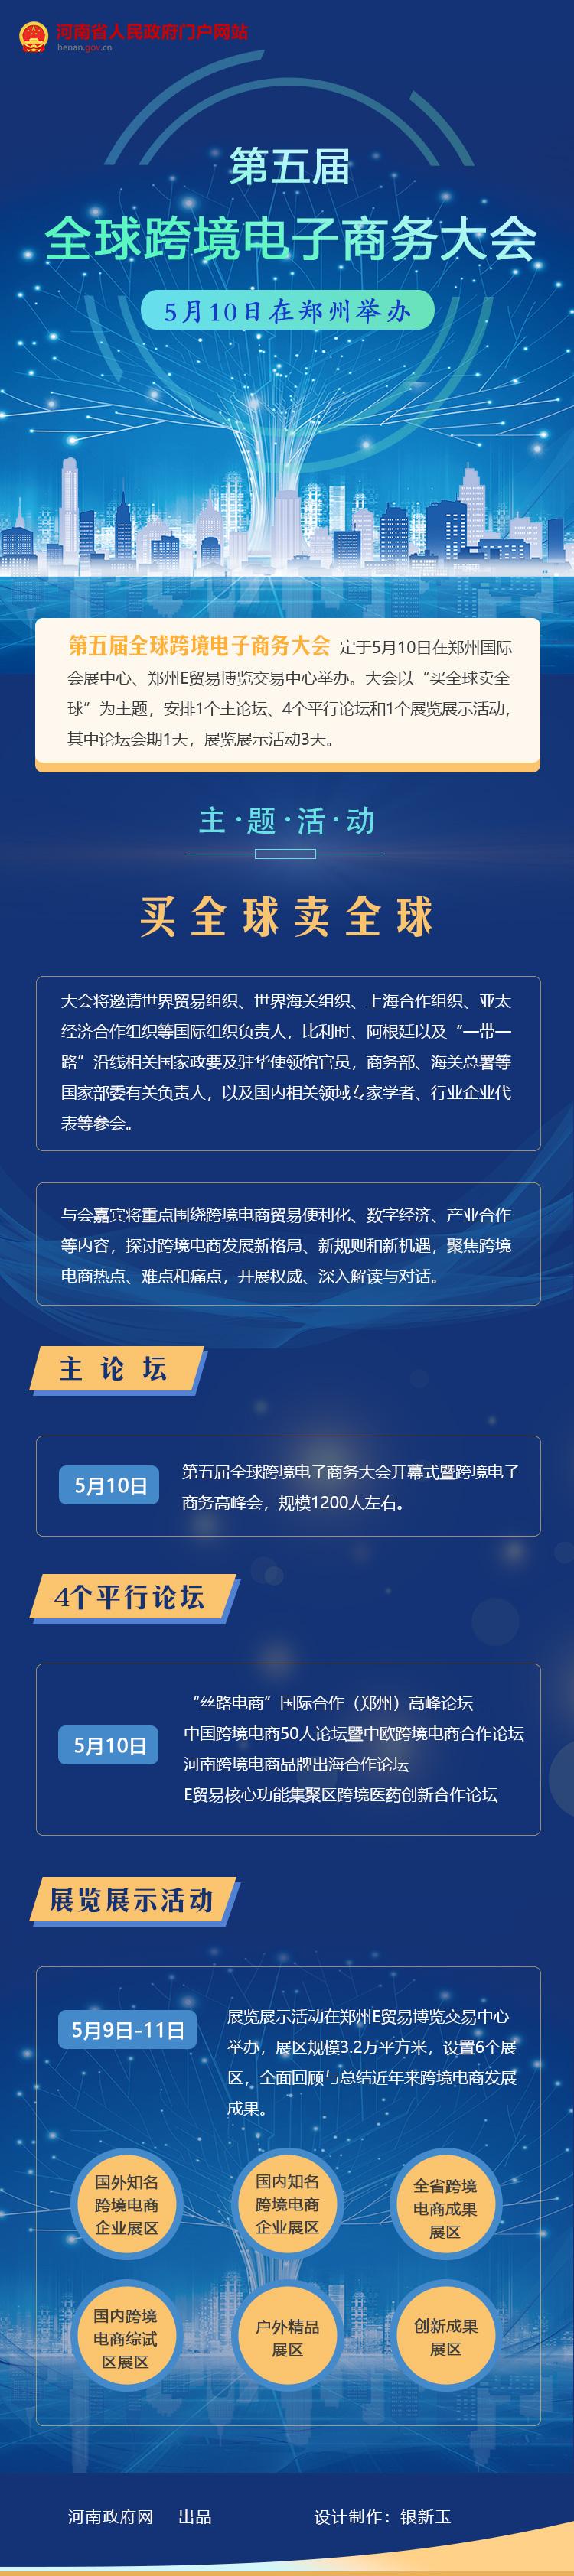 图解:第五届全球跨境电子商务大会5月10日在郑州举办